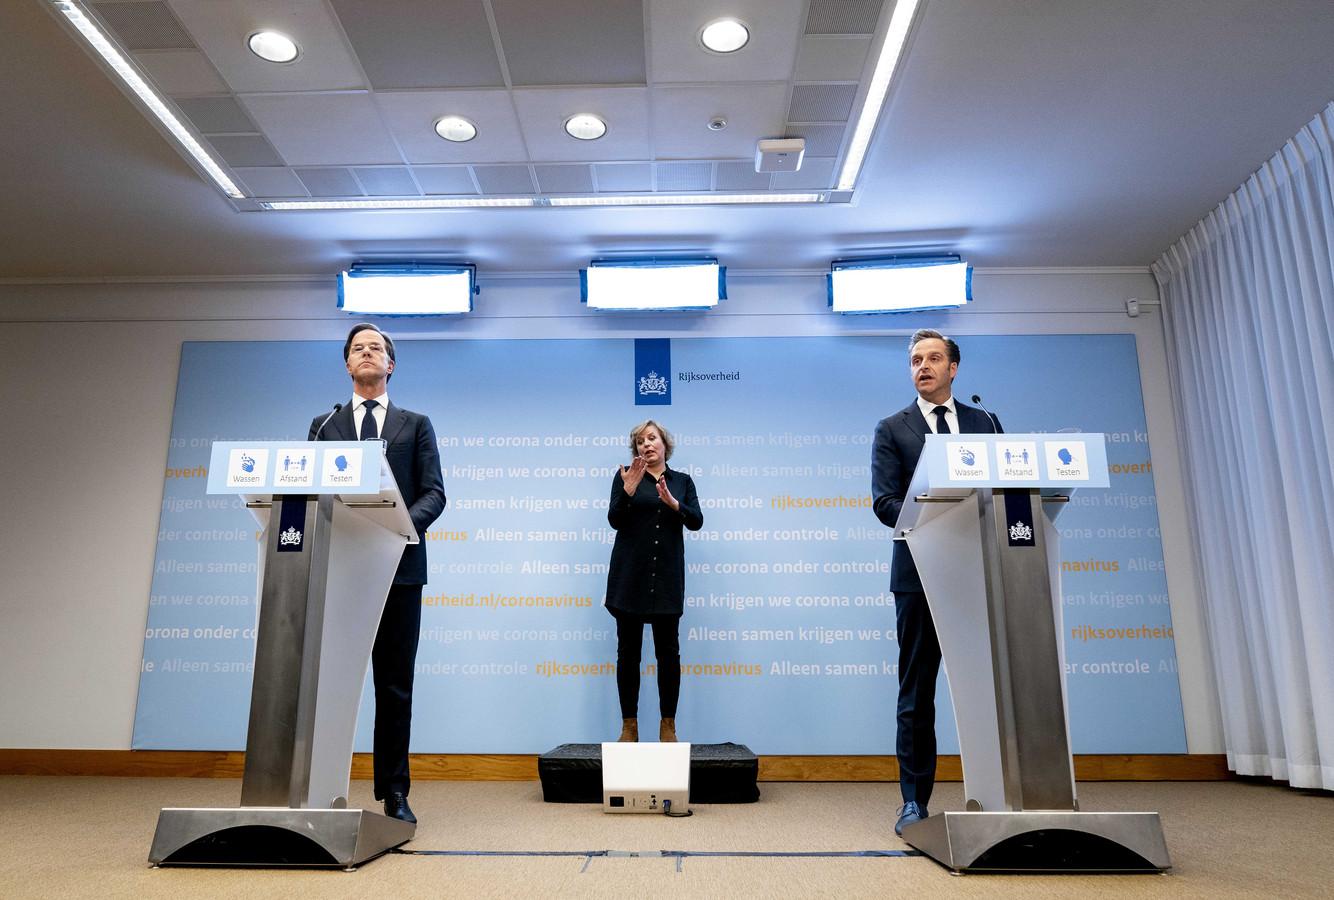 Demissionair premier Mark Rutte en demissionair minister Hugo de Jonge (Volksgezondheid, Welzijn en Sport) geven een toelichting op de coronamaatregelen.